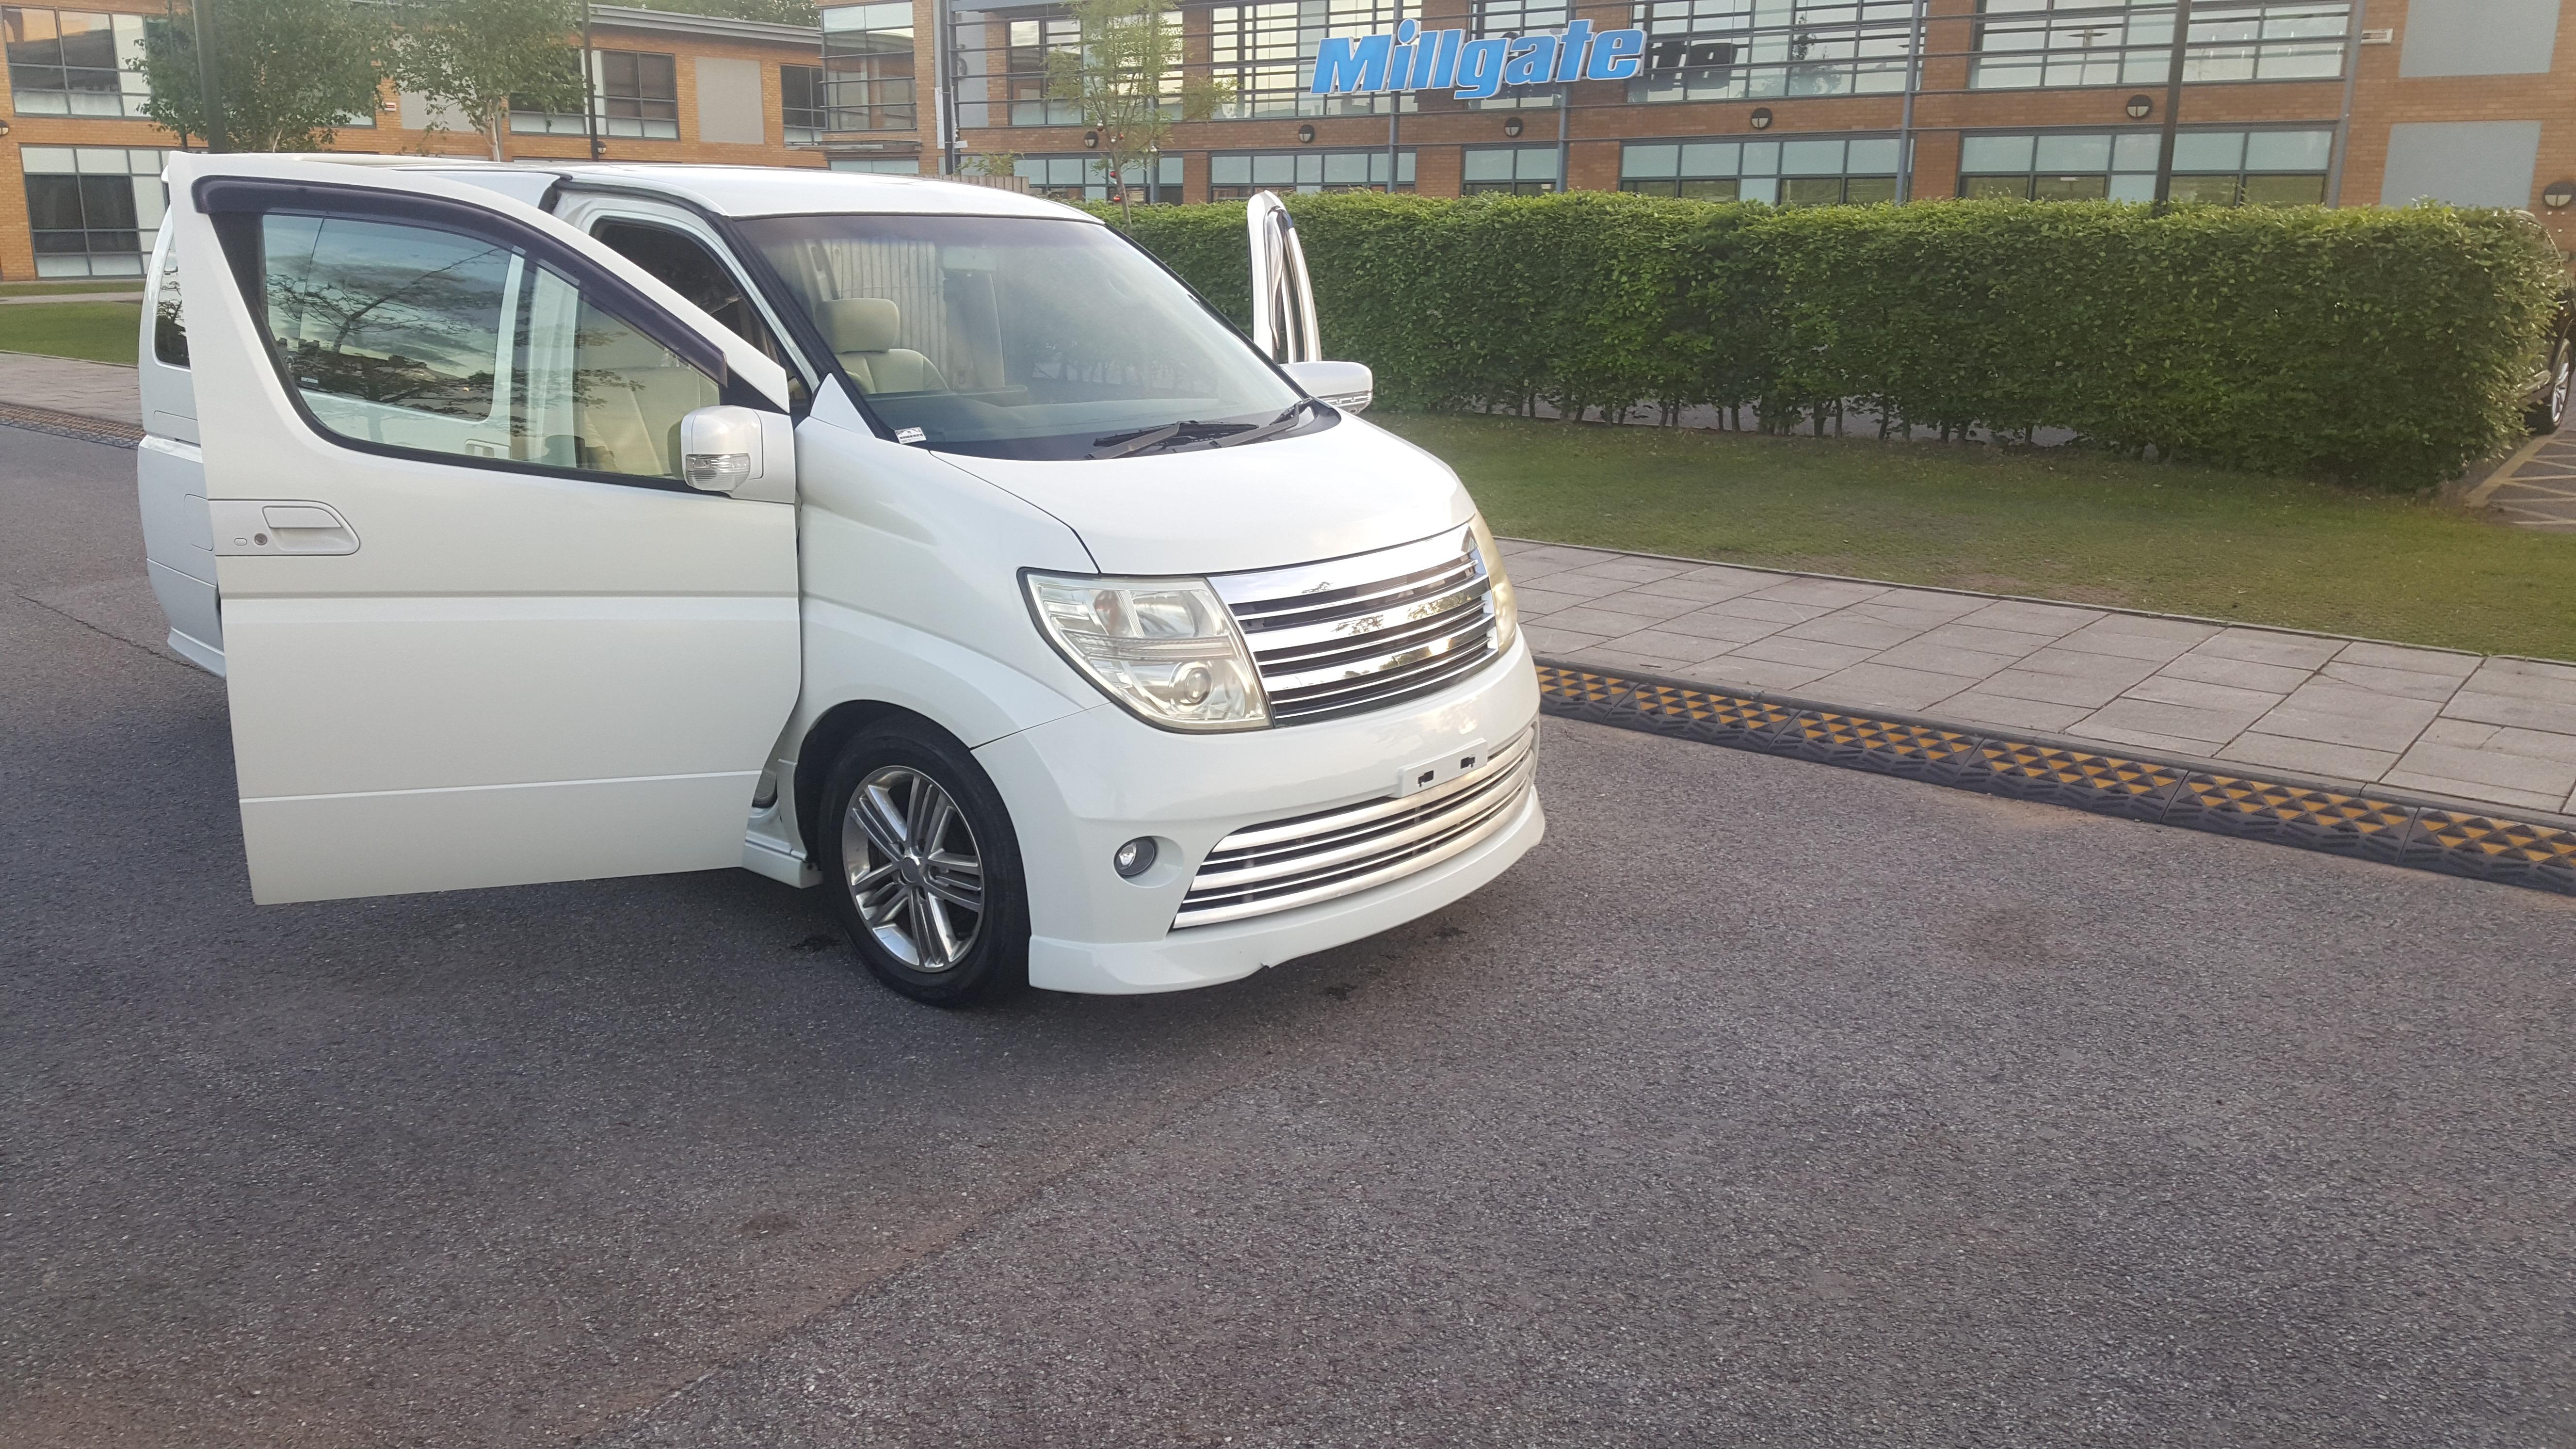 Nissan Elgrand Www Buymotorhomes Co Uk